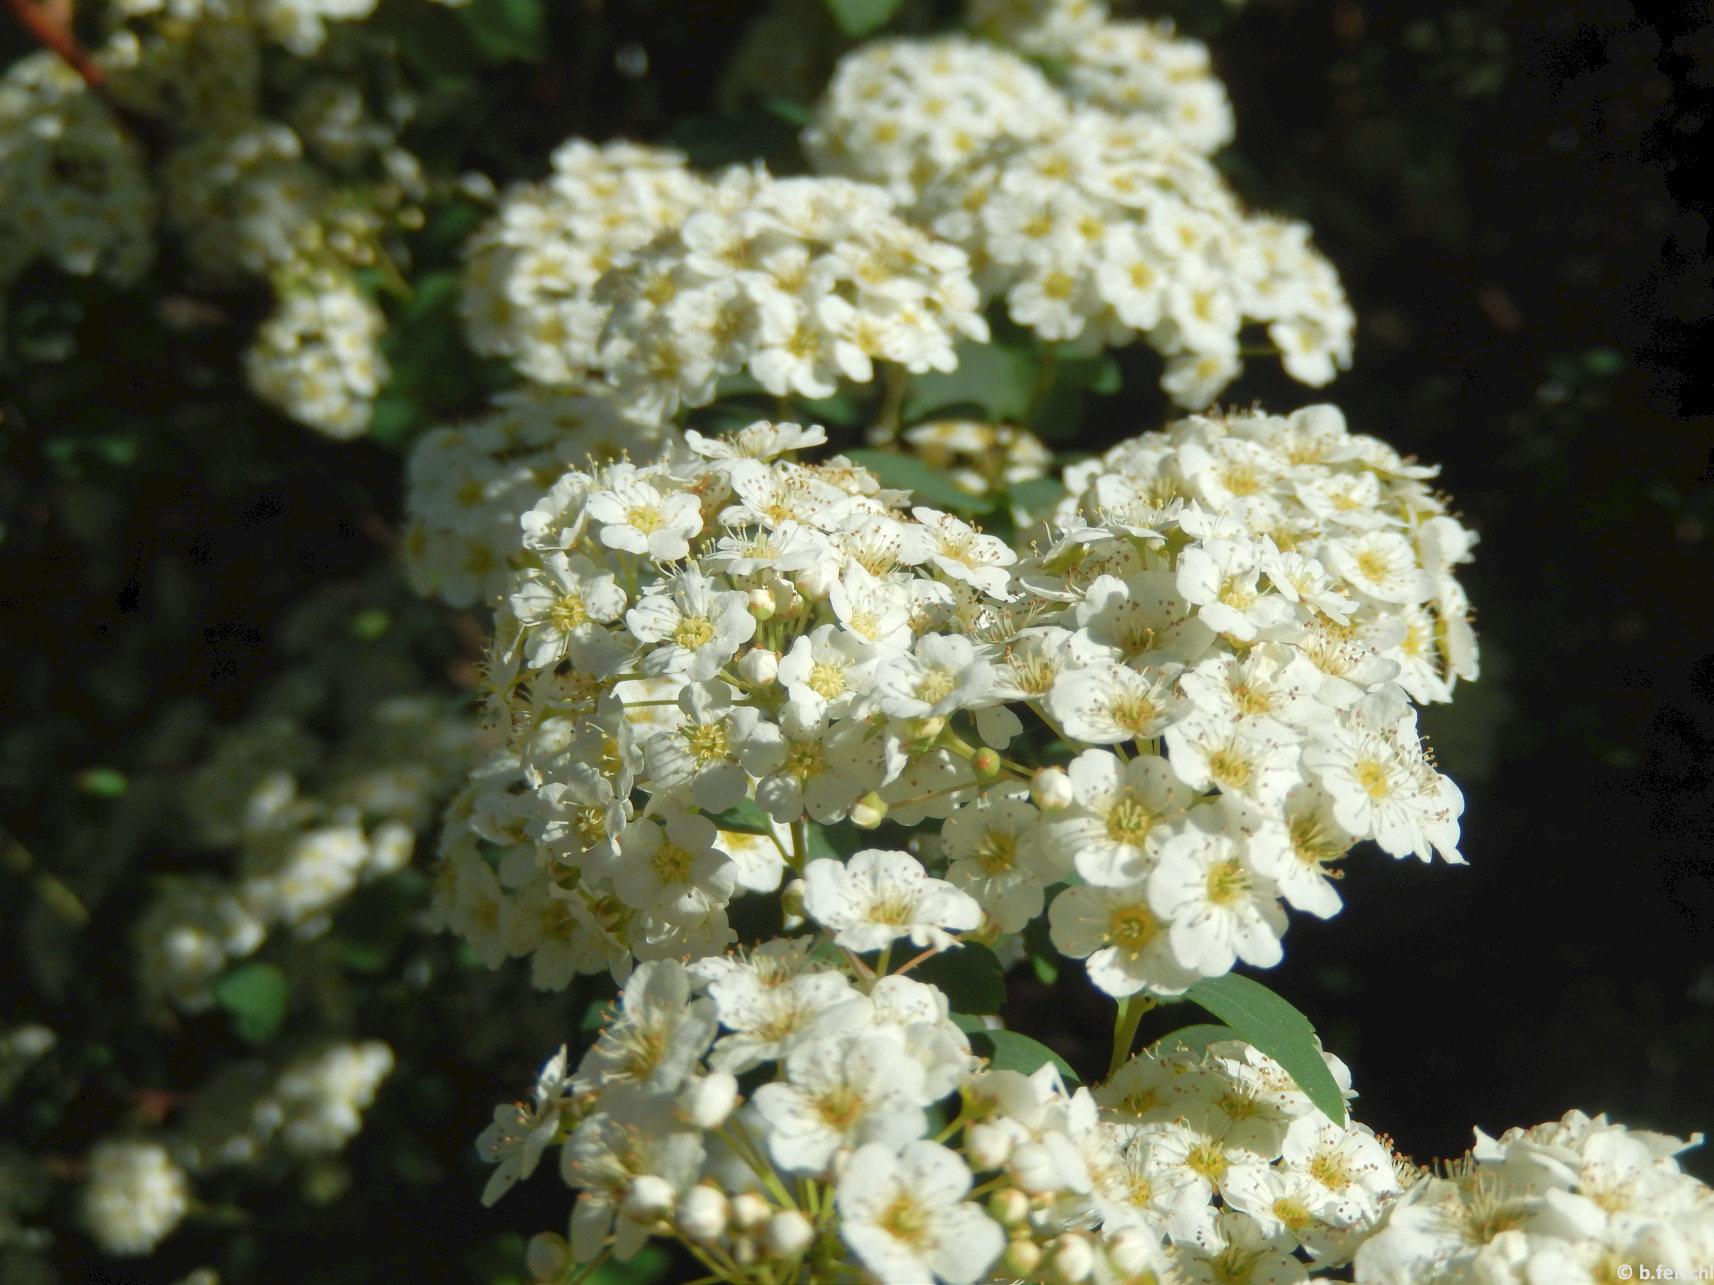 A kerti gyöngyvessző (Spiraea x vanhouttei) ívesen lehajló vesszőin a leveleket szinte nem is látjuk a fehér virágok alatt